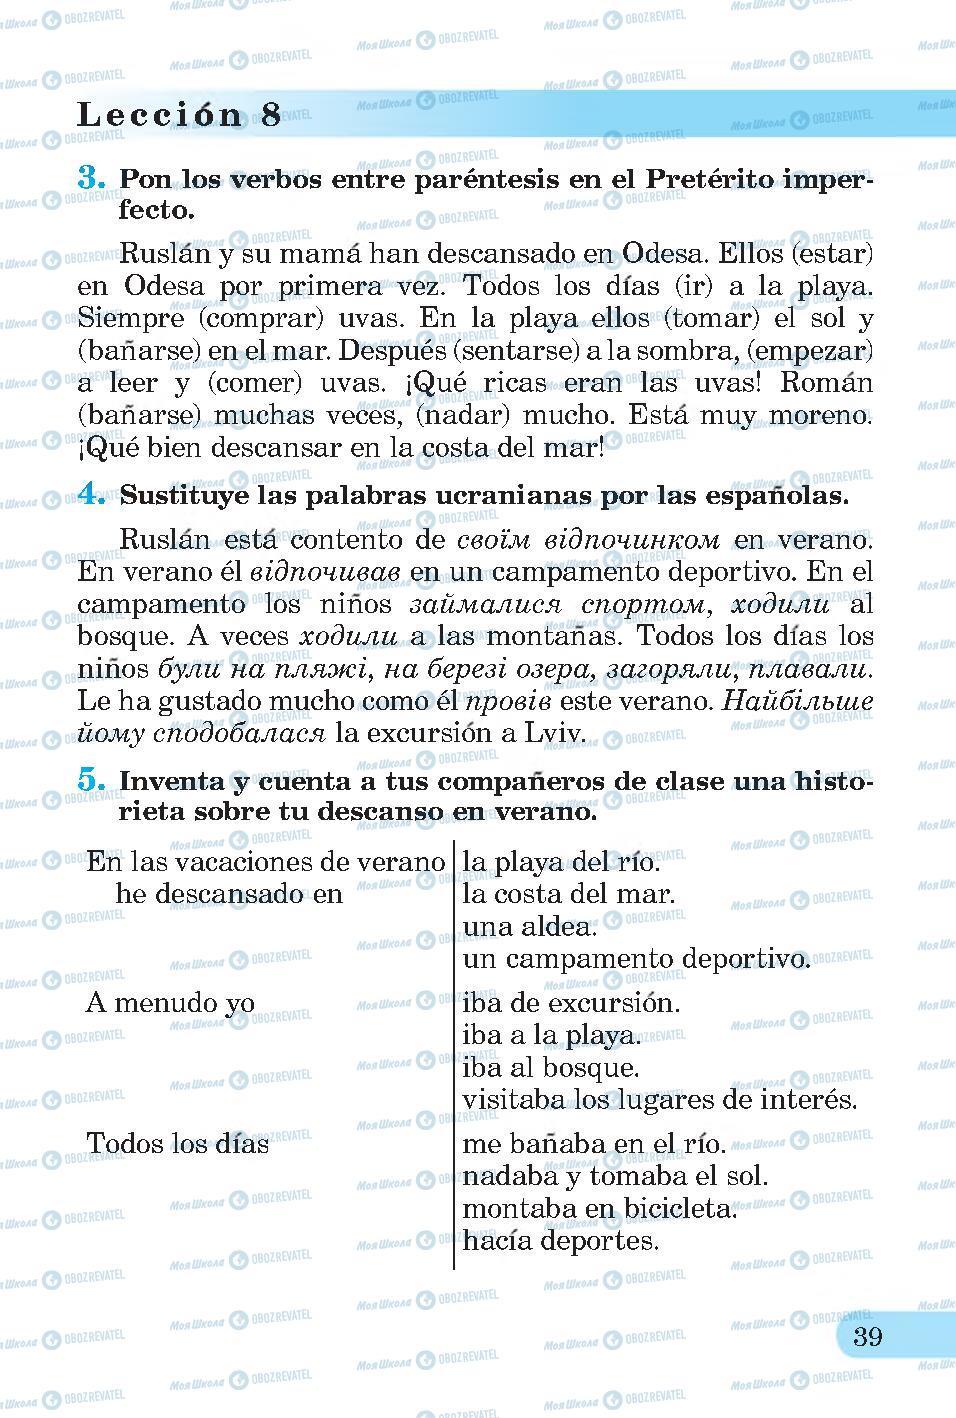 Підручники Іспанська мова 4 клас сторінка 39